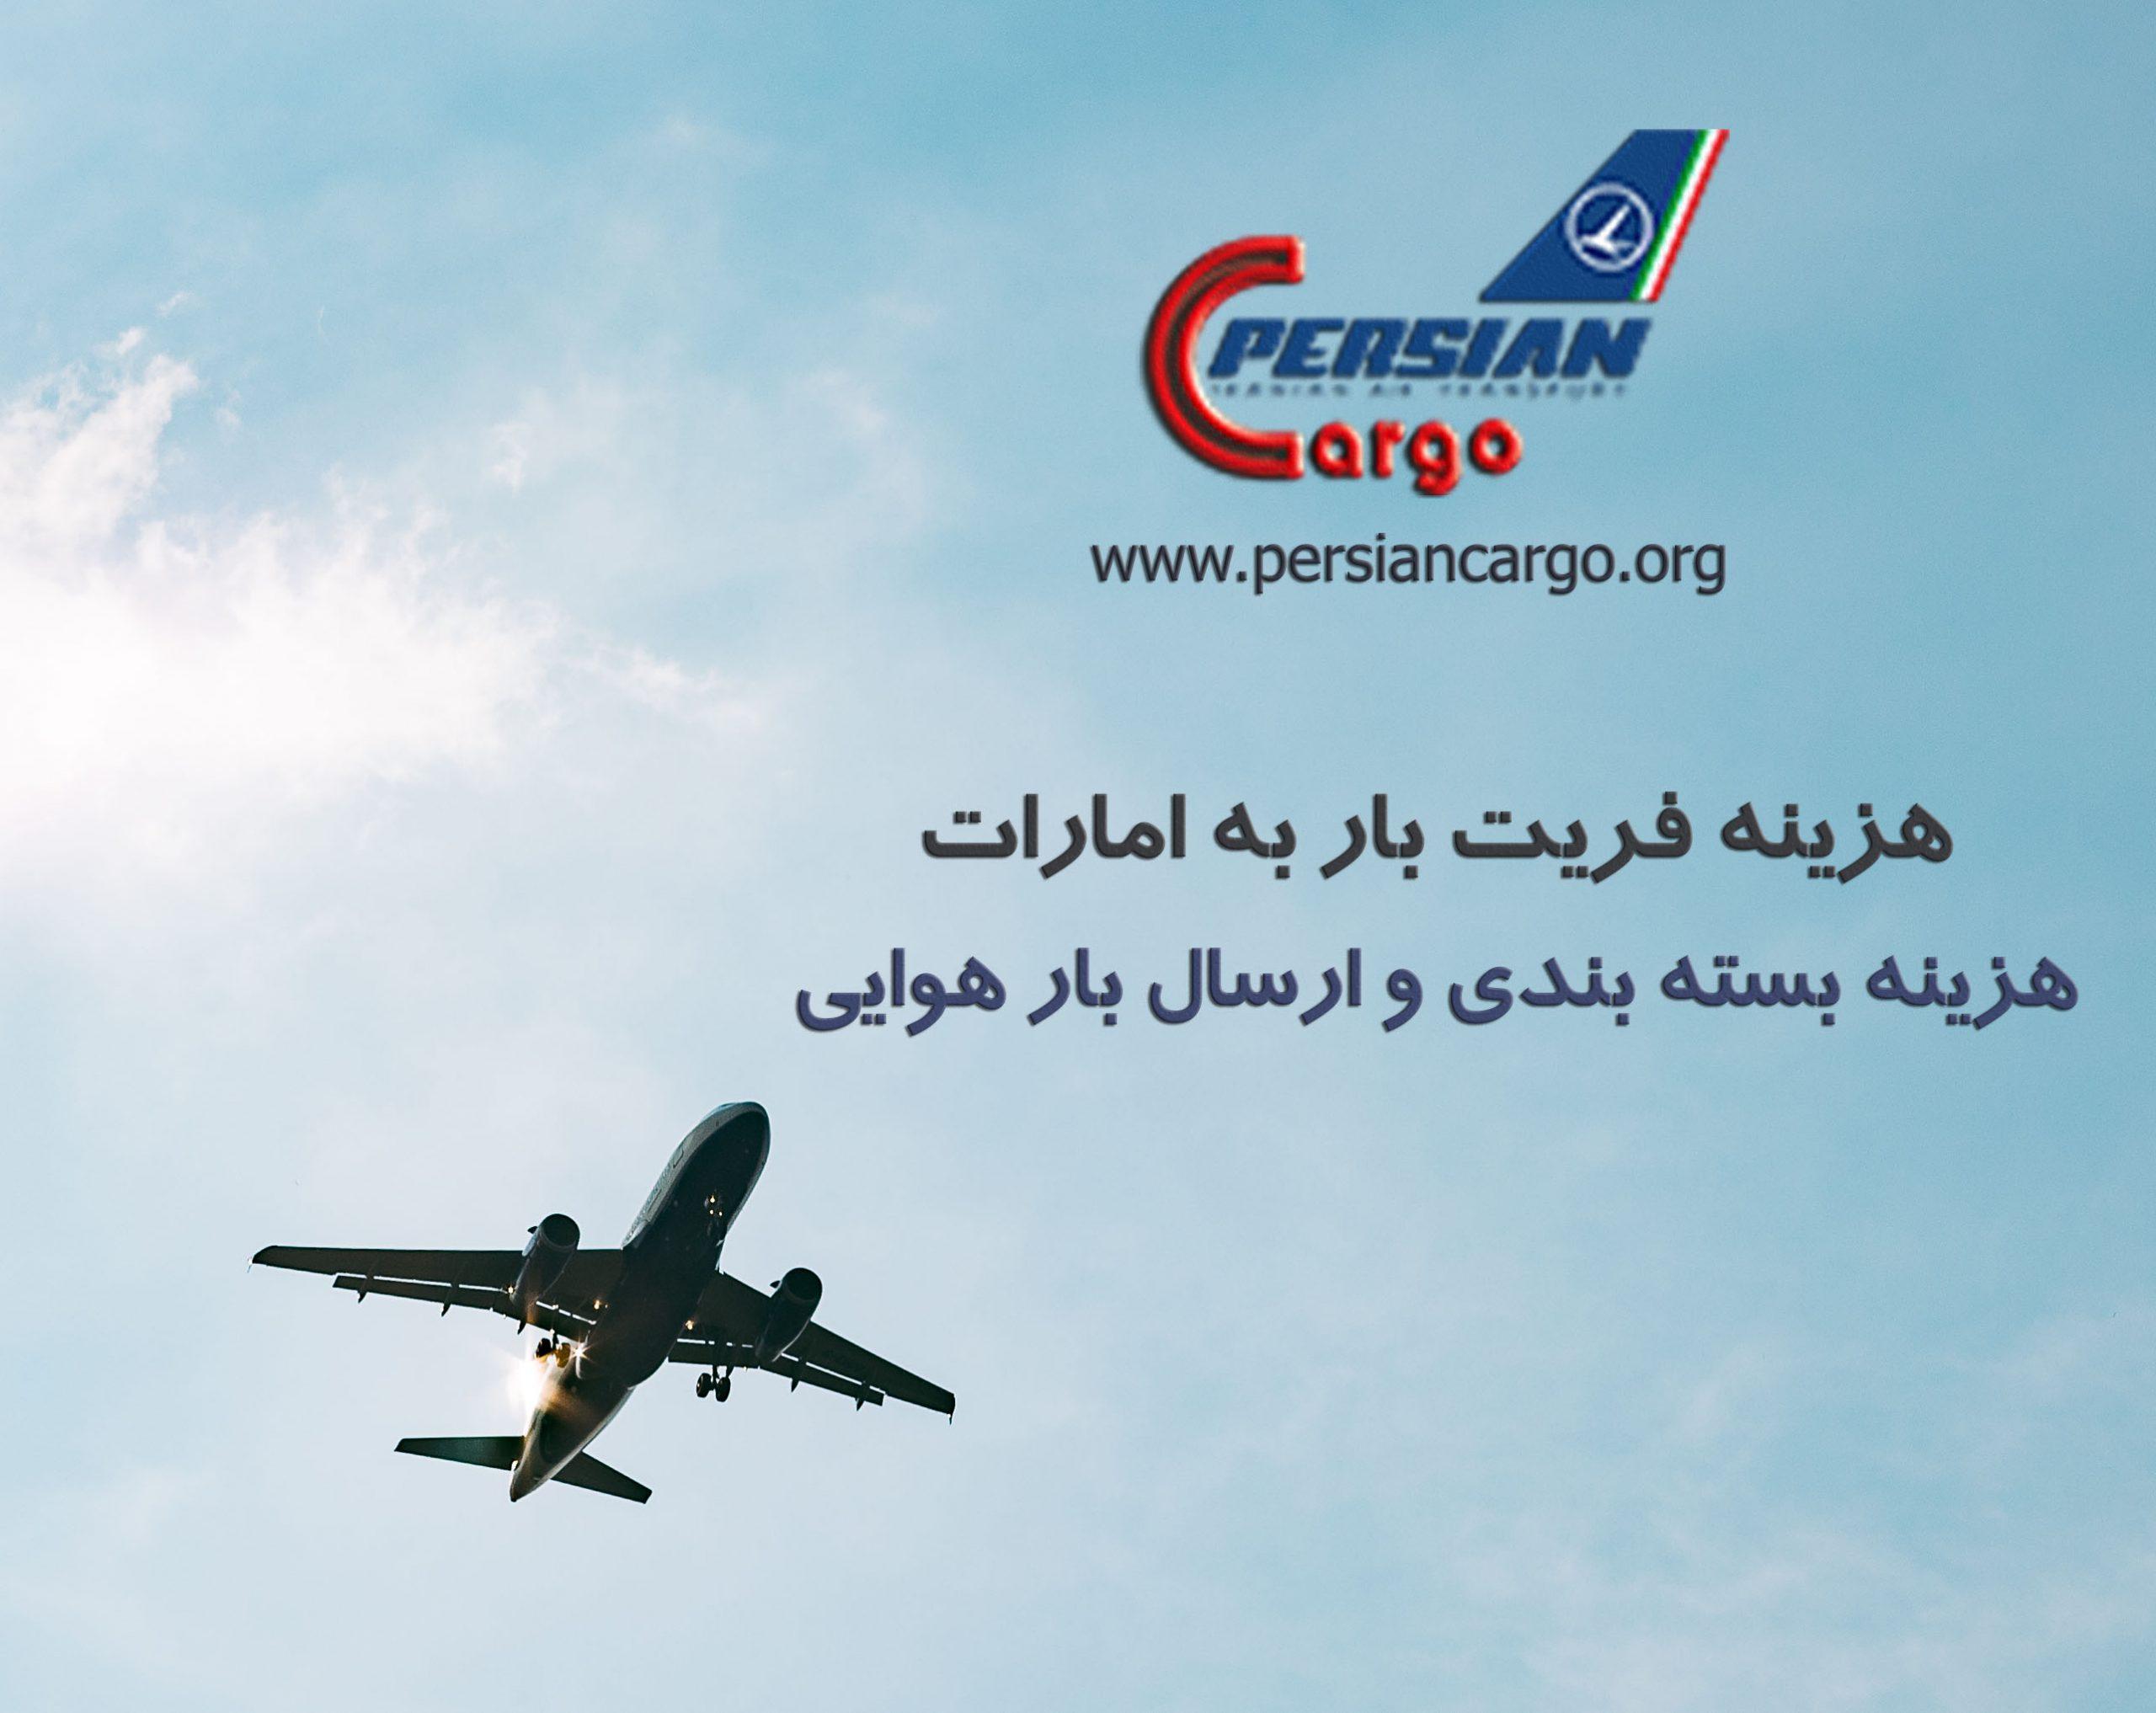 هزینه ارسال بار به امارات (دبی، ابوظبی و ...)